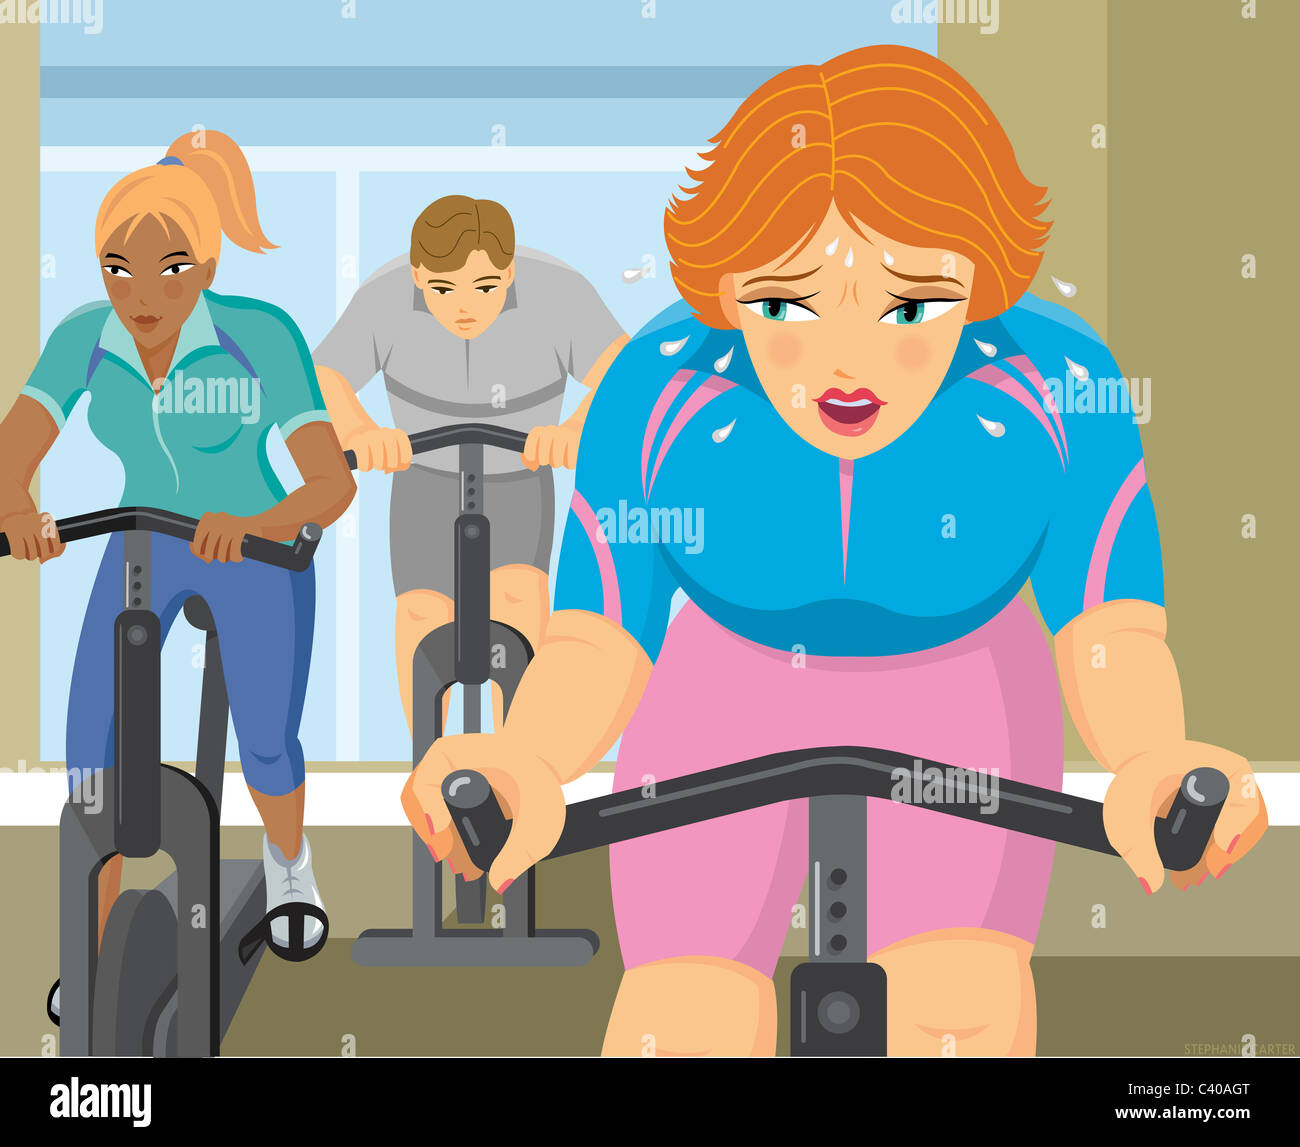 Illustration d'une femme dans une classe à vélo Photo Stock